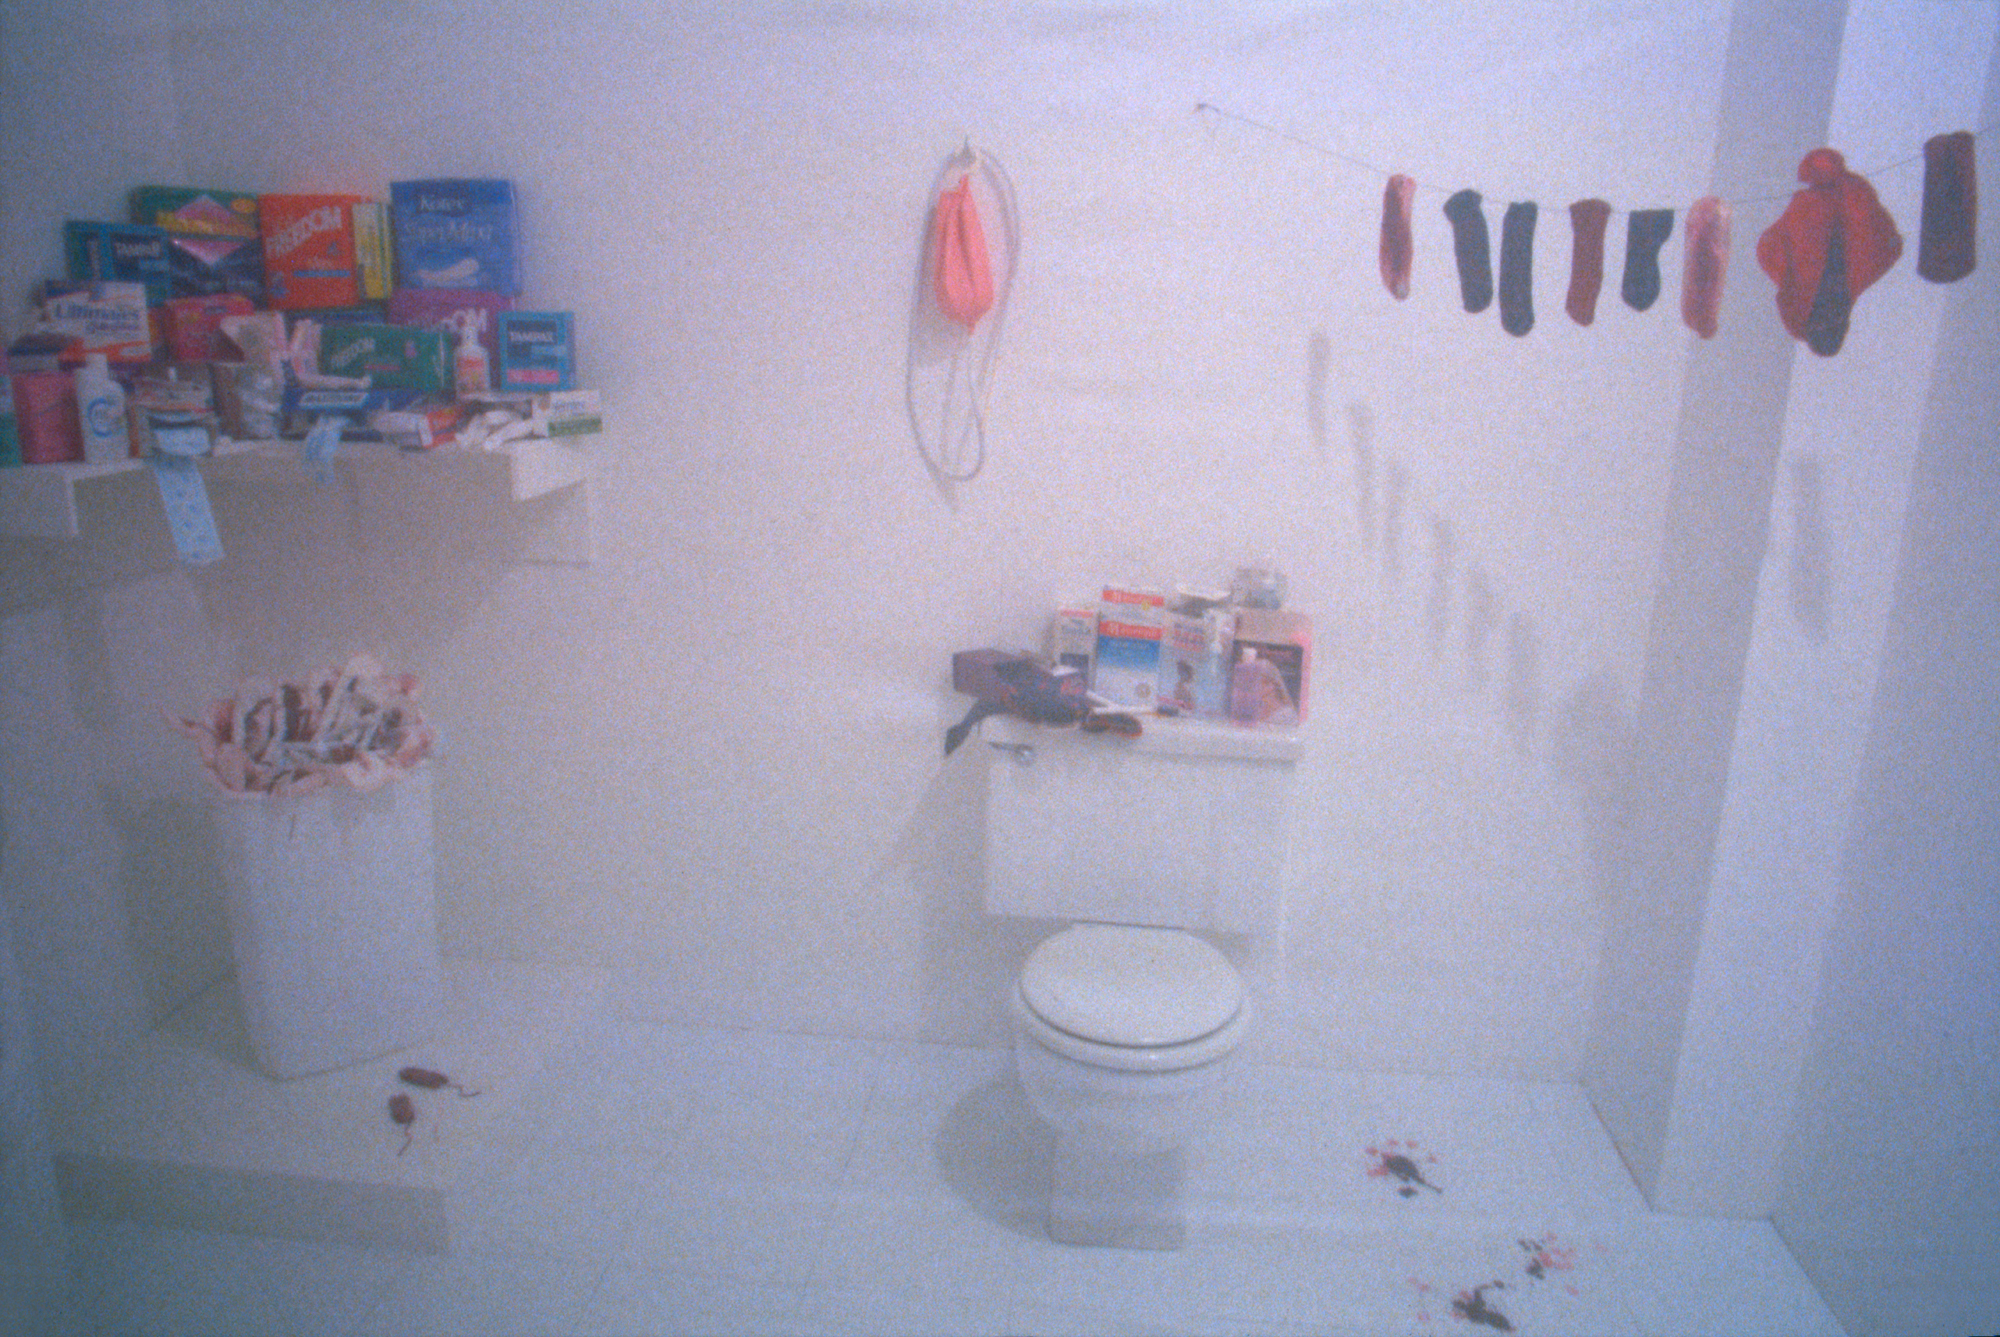 Menstruation_Bathroom_1995_reinstallation_1.jpg